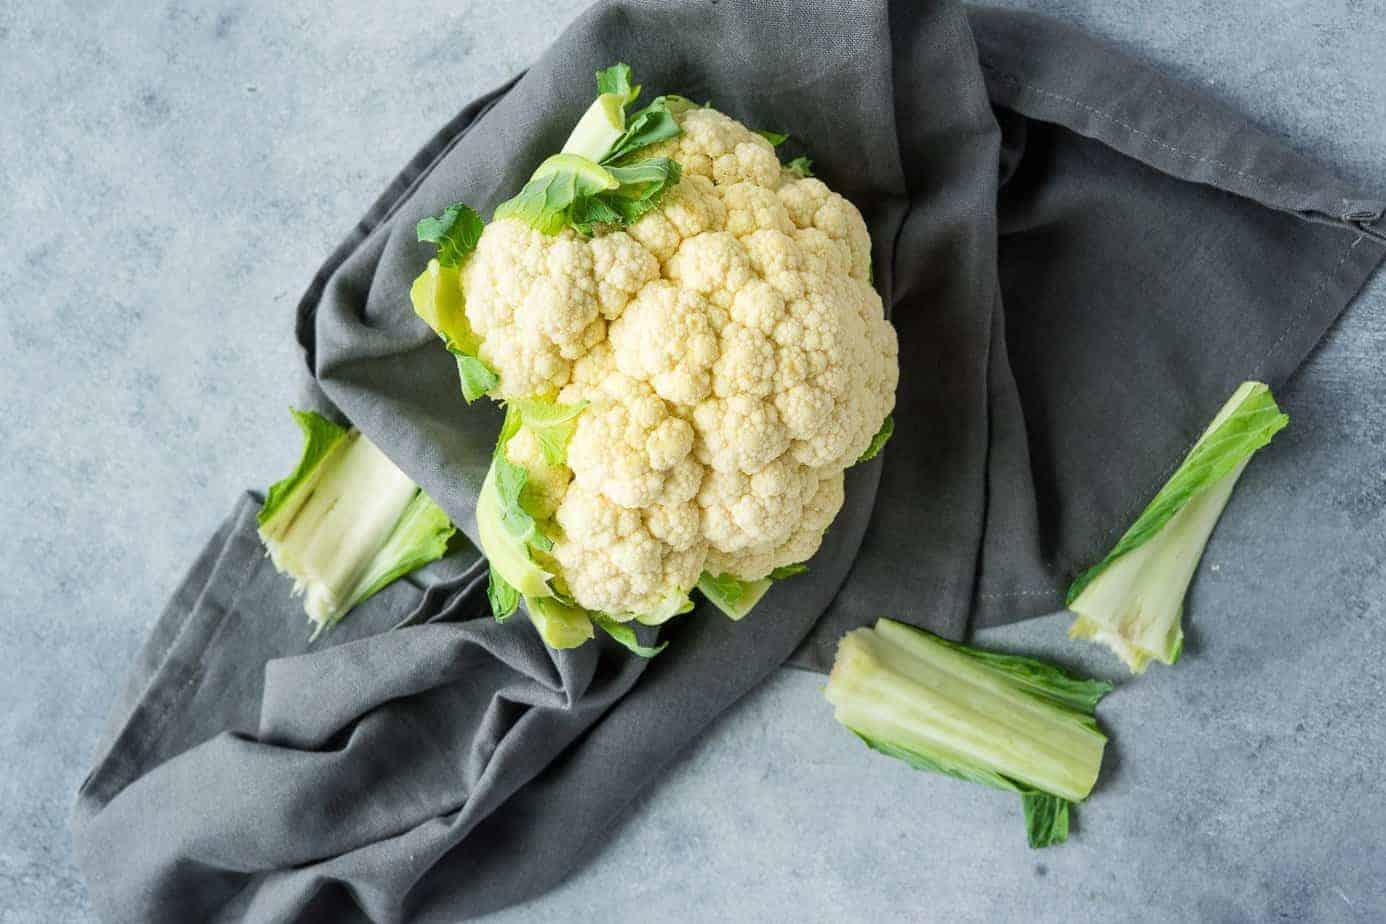 a whole head of fresh cauliflower